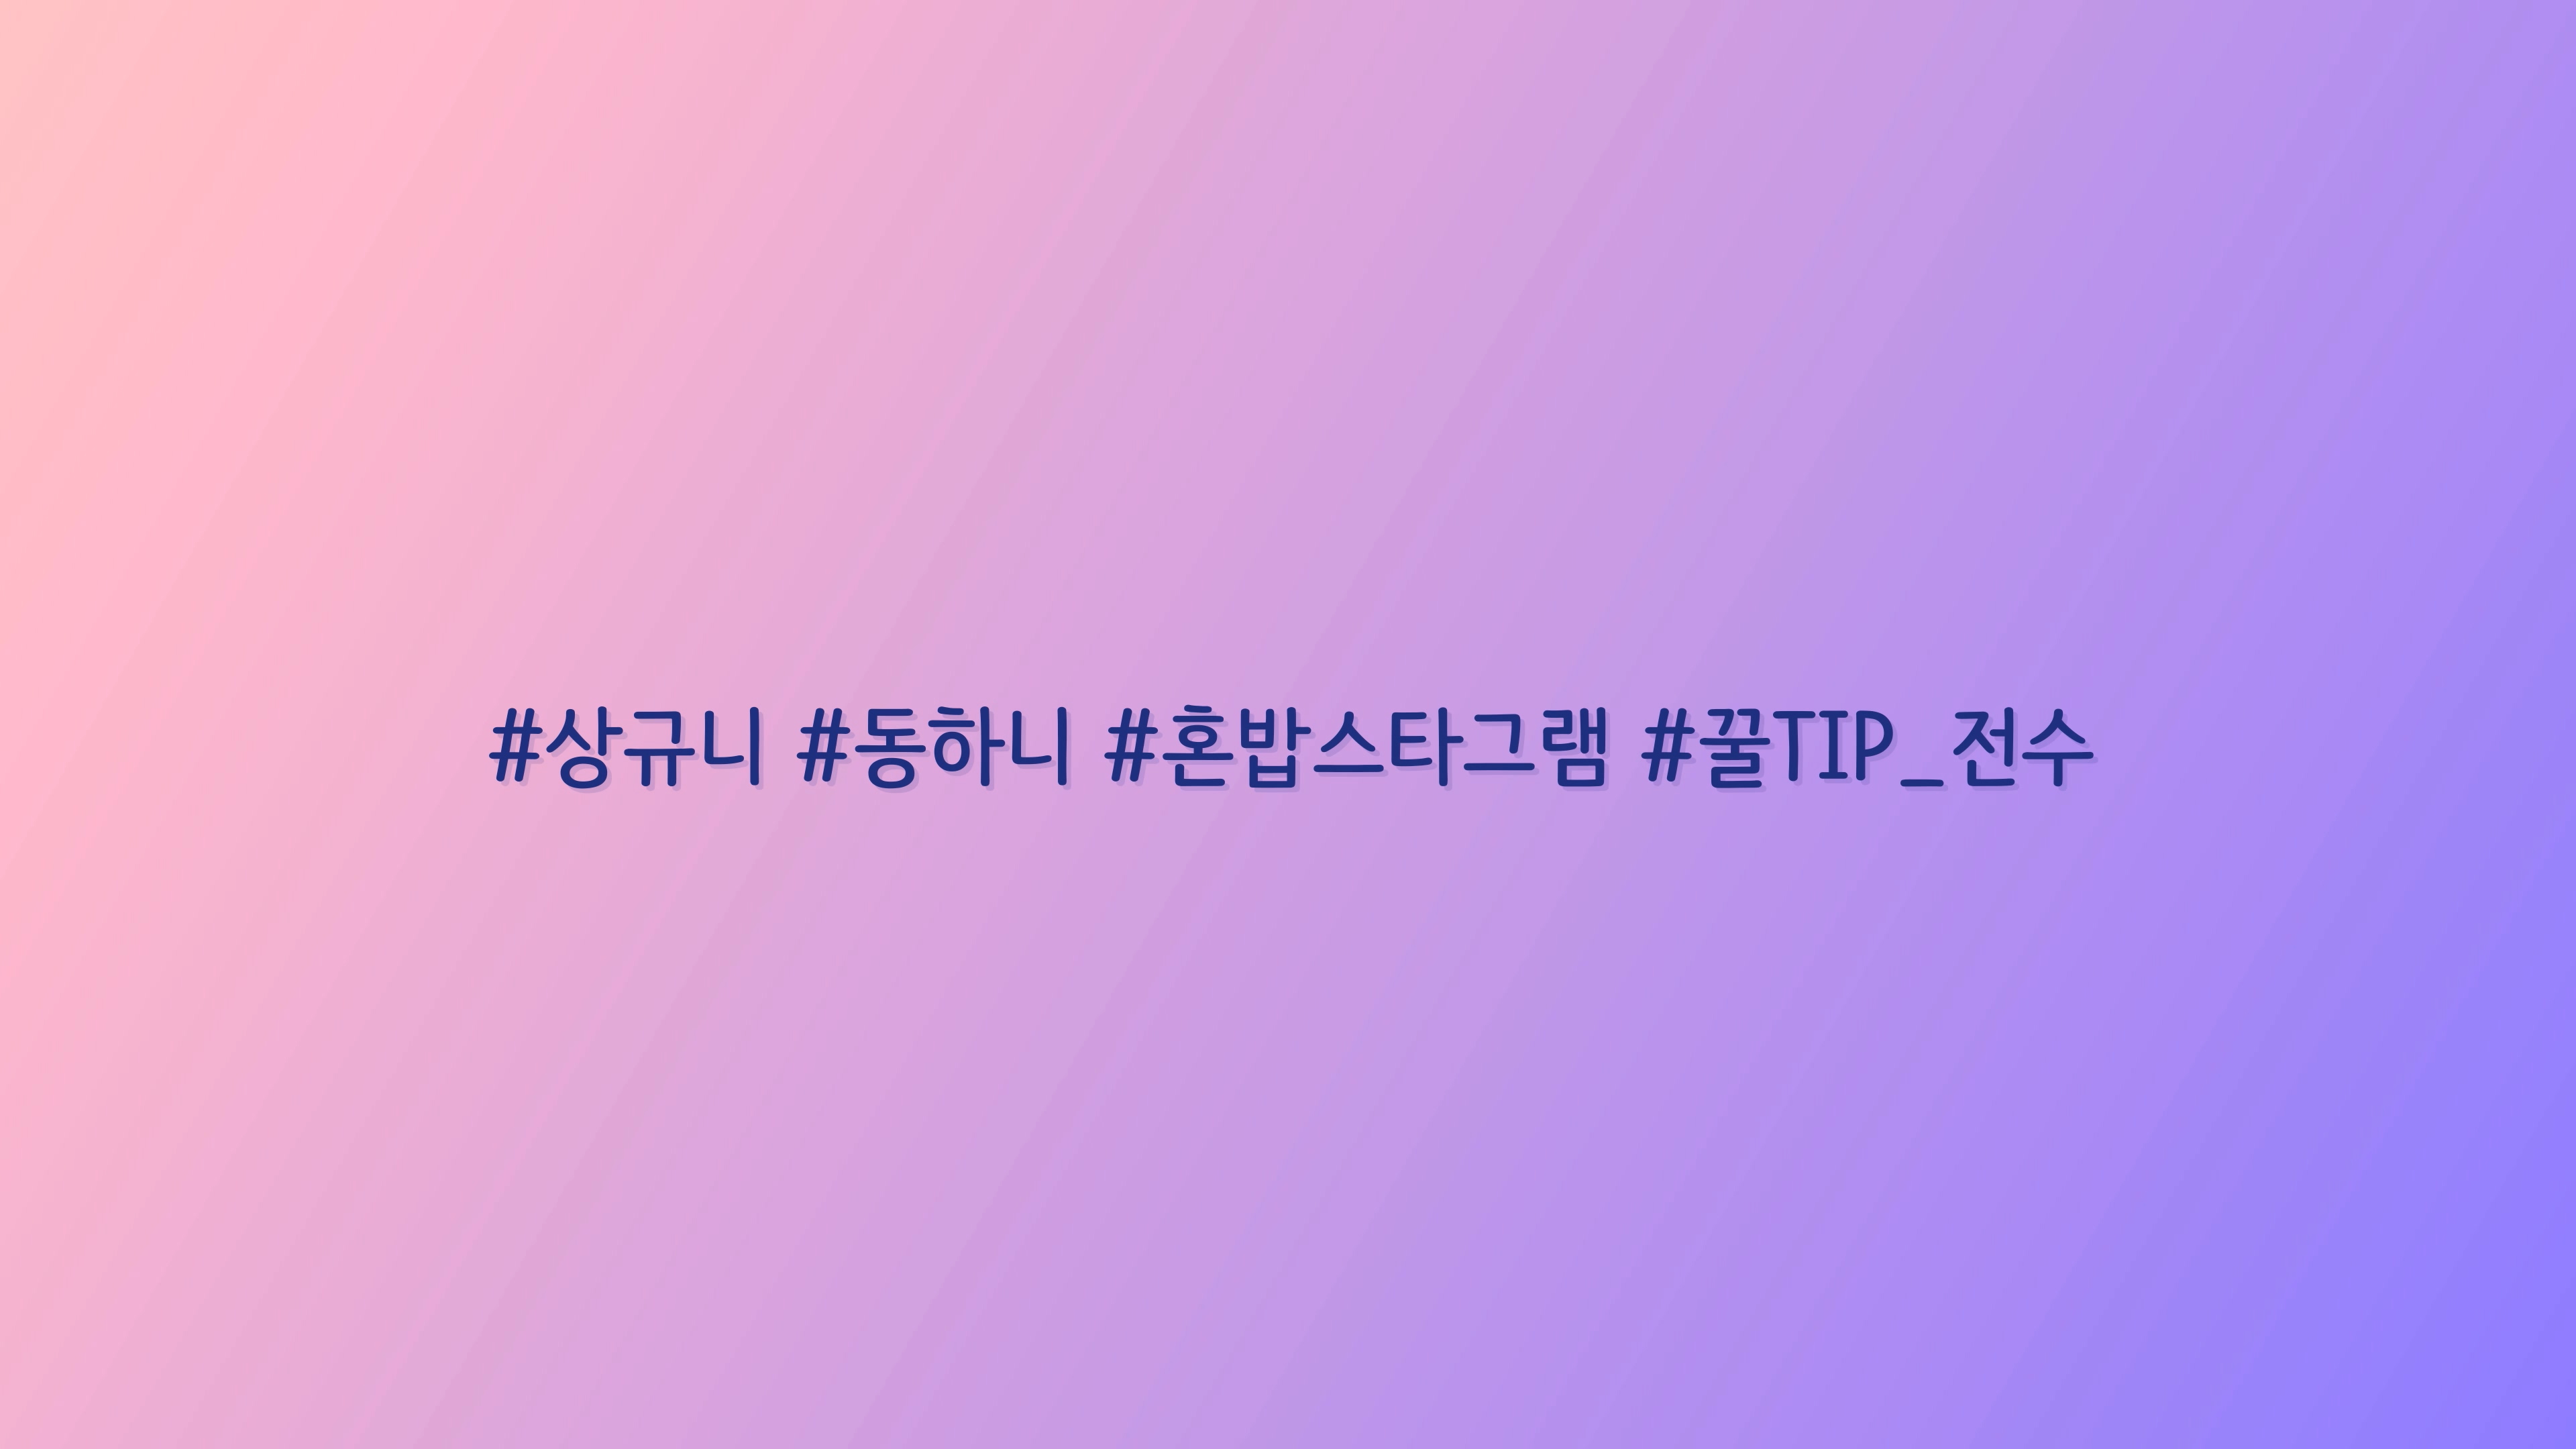 혼밥스타그램 [#상규니 #동하니 #혼밥스타그램 #꿀TIP_전수]